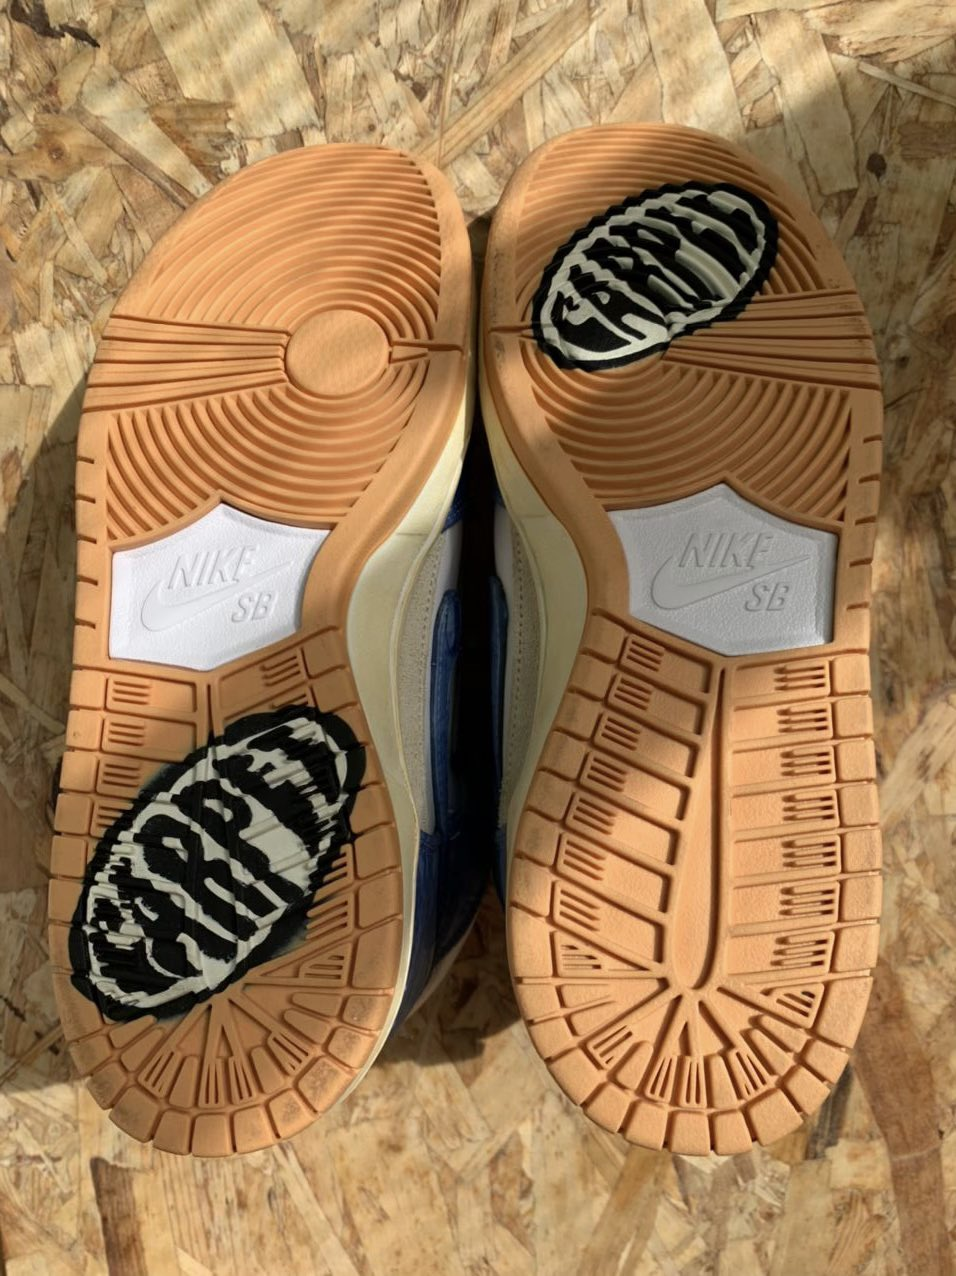 Carpet Company Nike SB Dunk High Carpet Company Nike SB Dunk High CV1677-100 Release Date Info